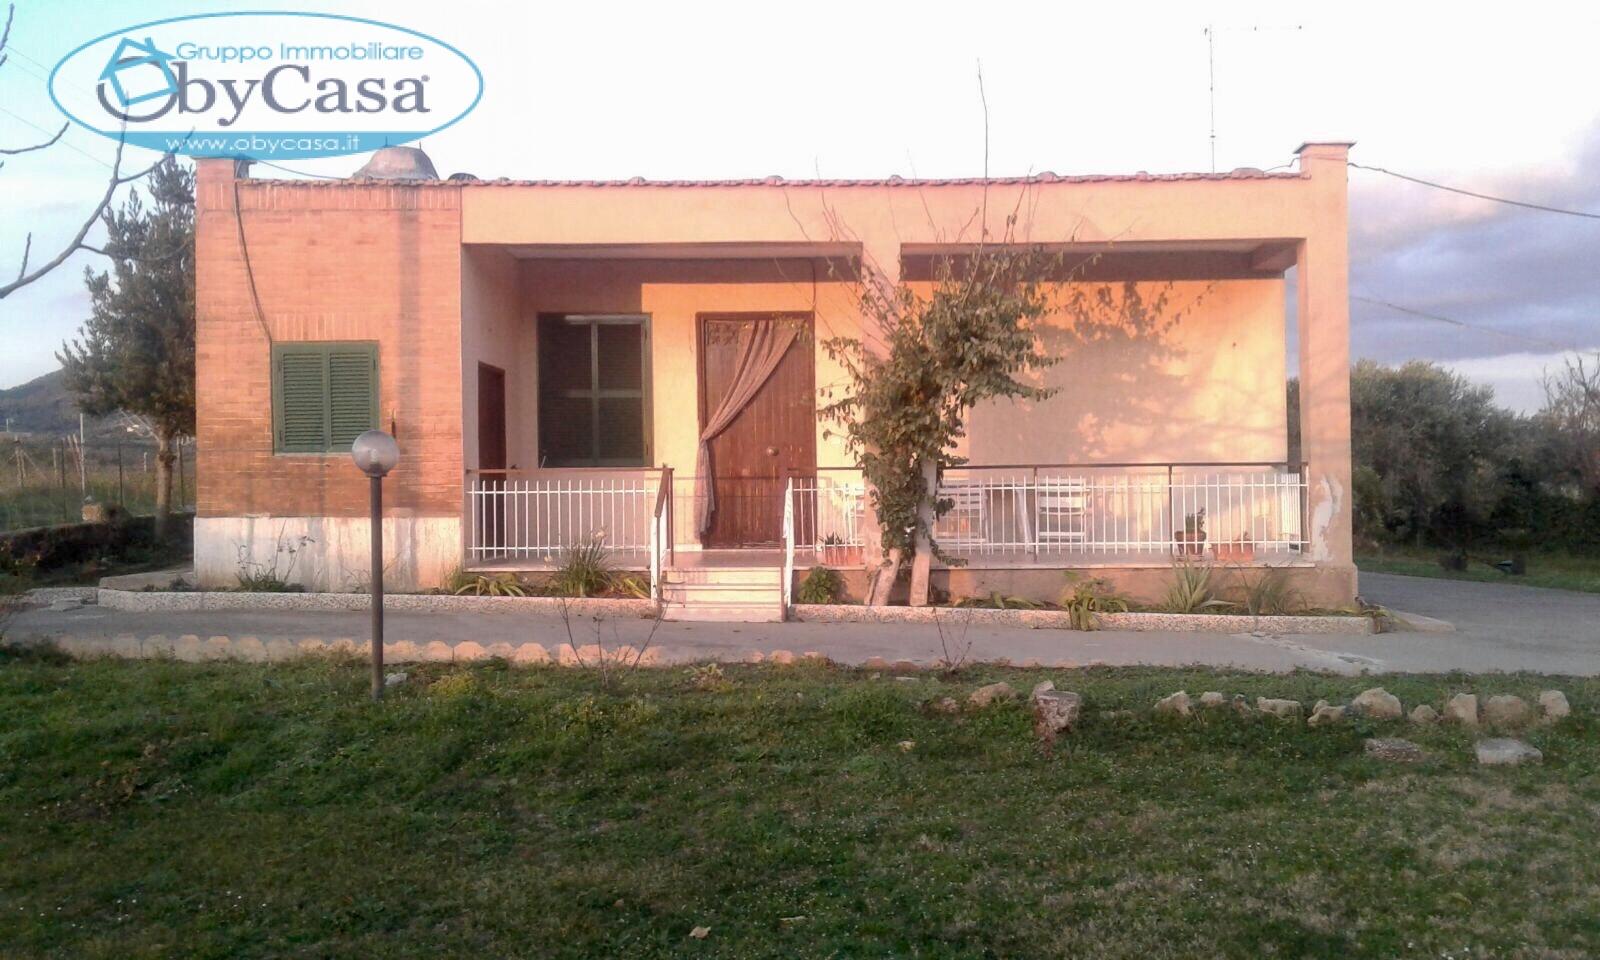 Soluzione Indipendente in vendita a Cerveteri, 9 locali, prezzo € 369.000 | Cambio Casa.it